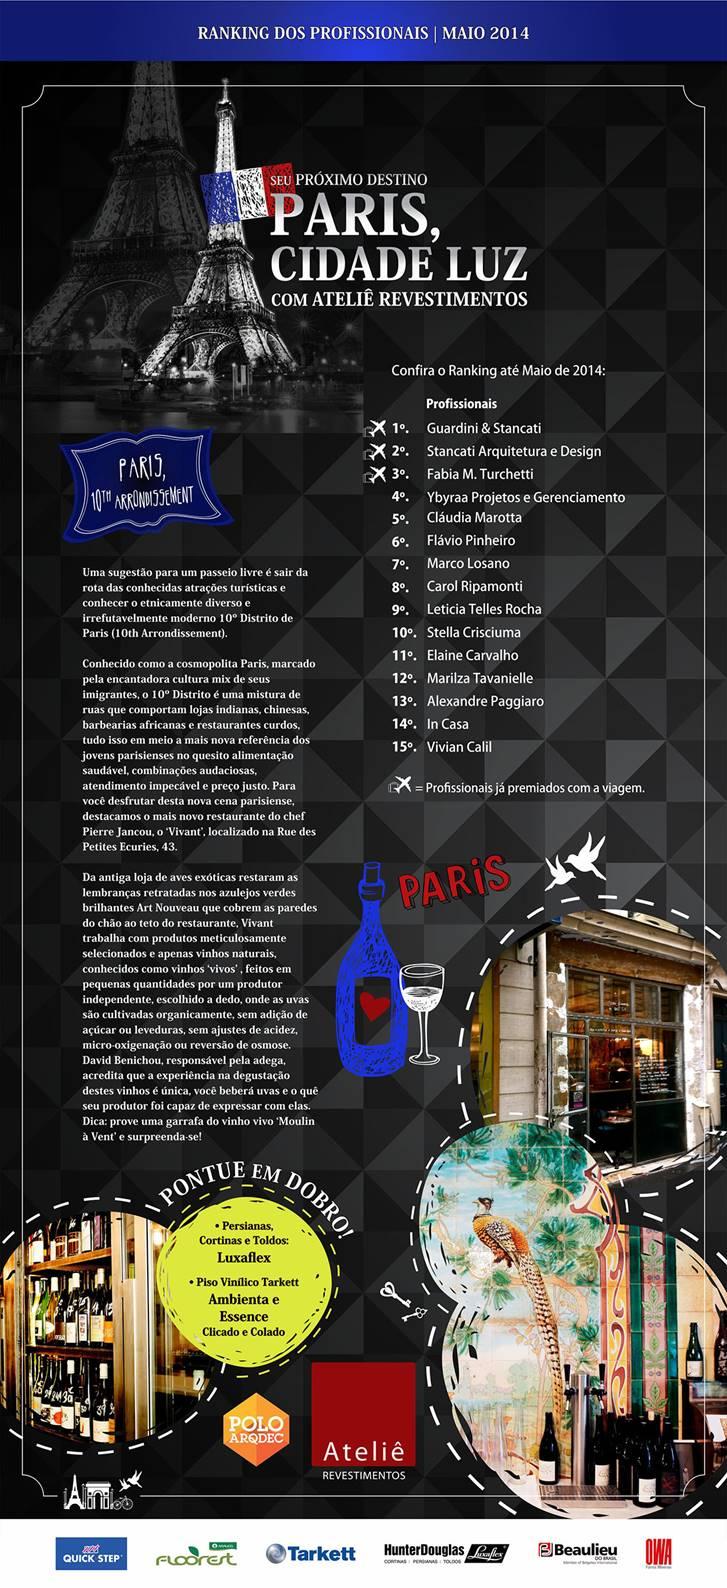 Confira o ranking campanha de Paris no Ateliê de Campinas